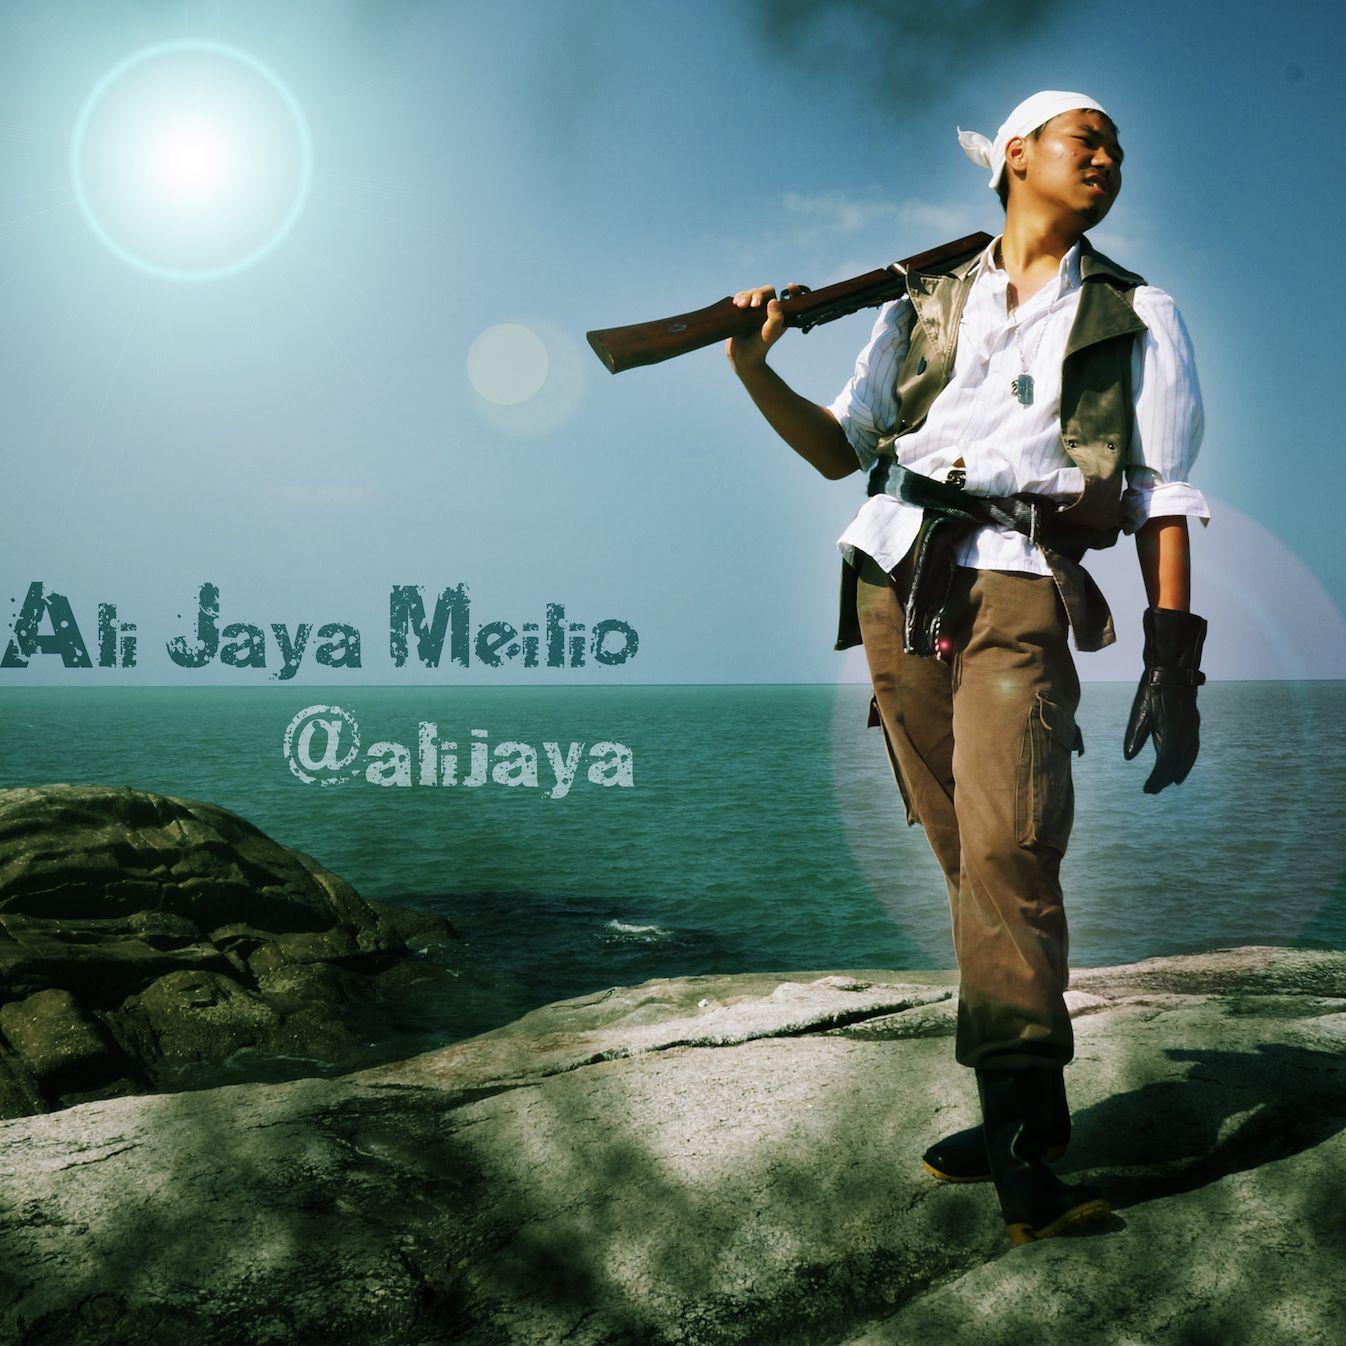 Ali Jaya Meilio Big O Notation